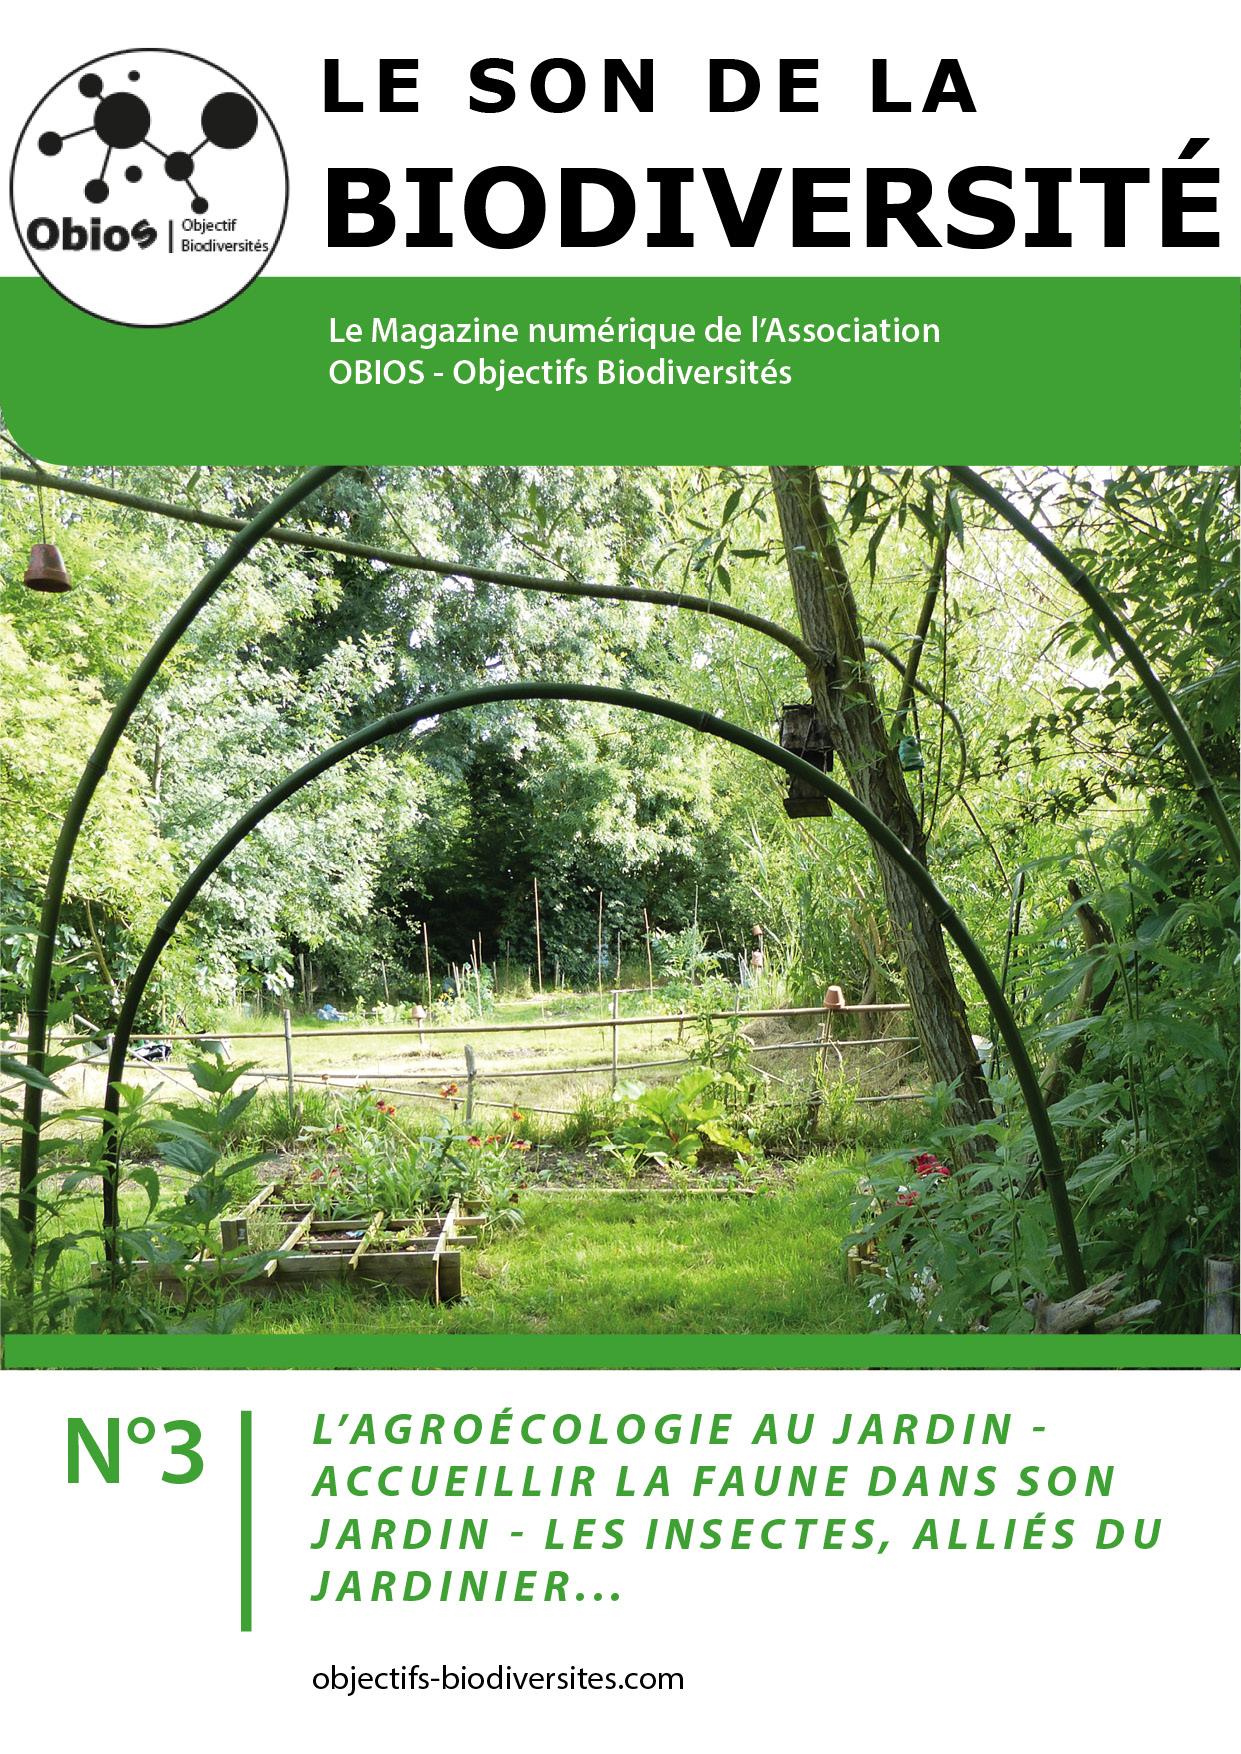 Le son de la biodiversité 3 couverture